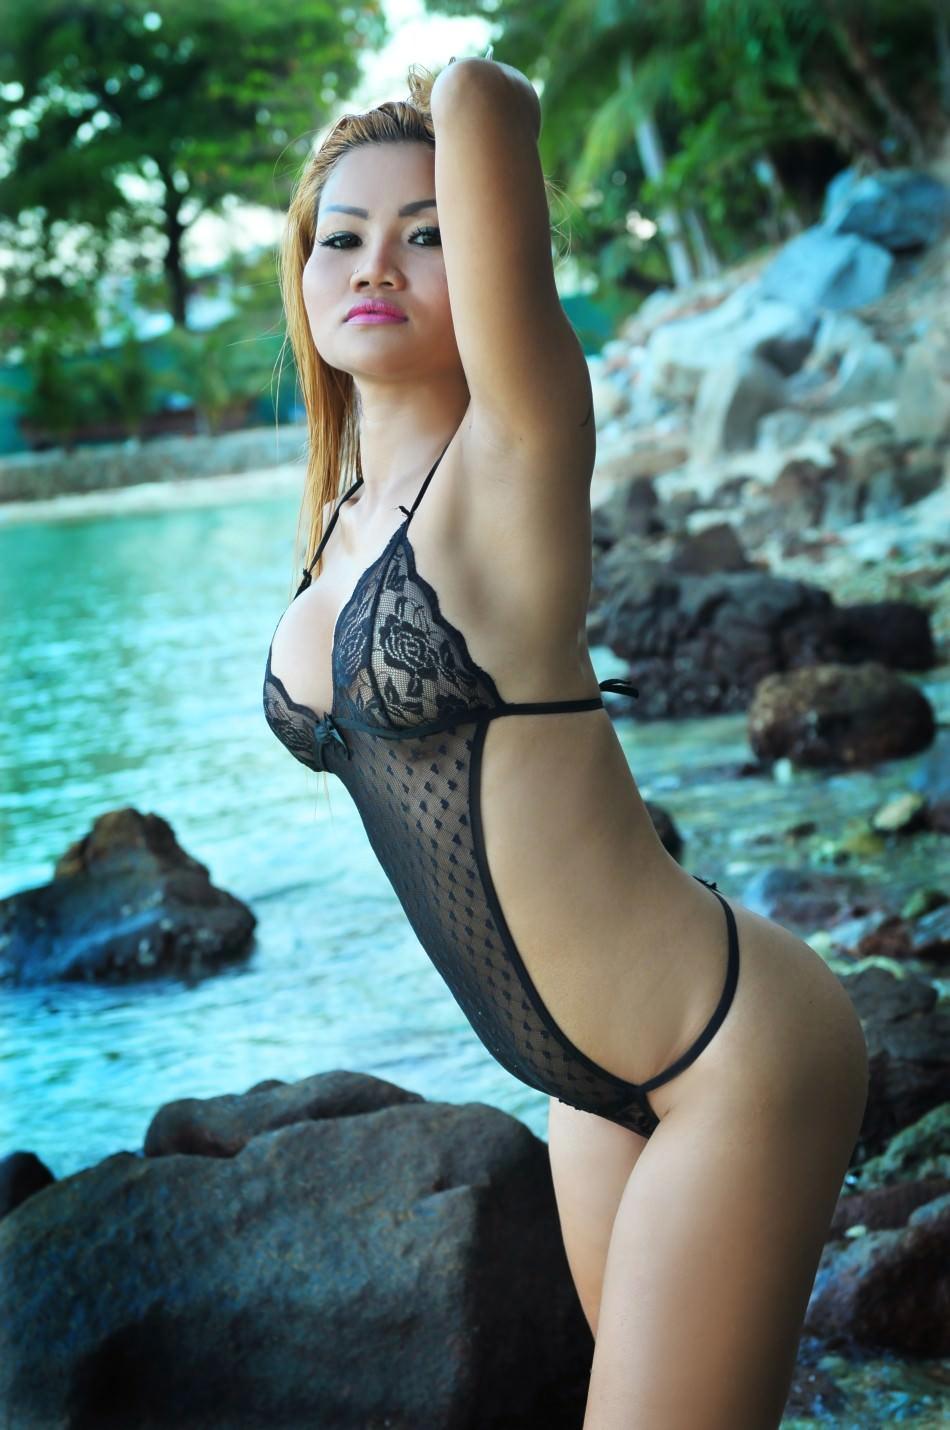 nam escort agency in phuket